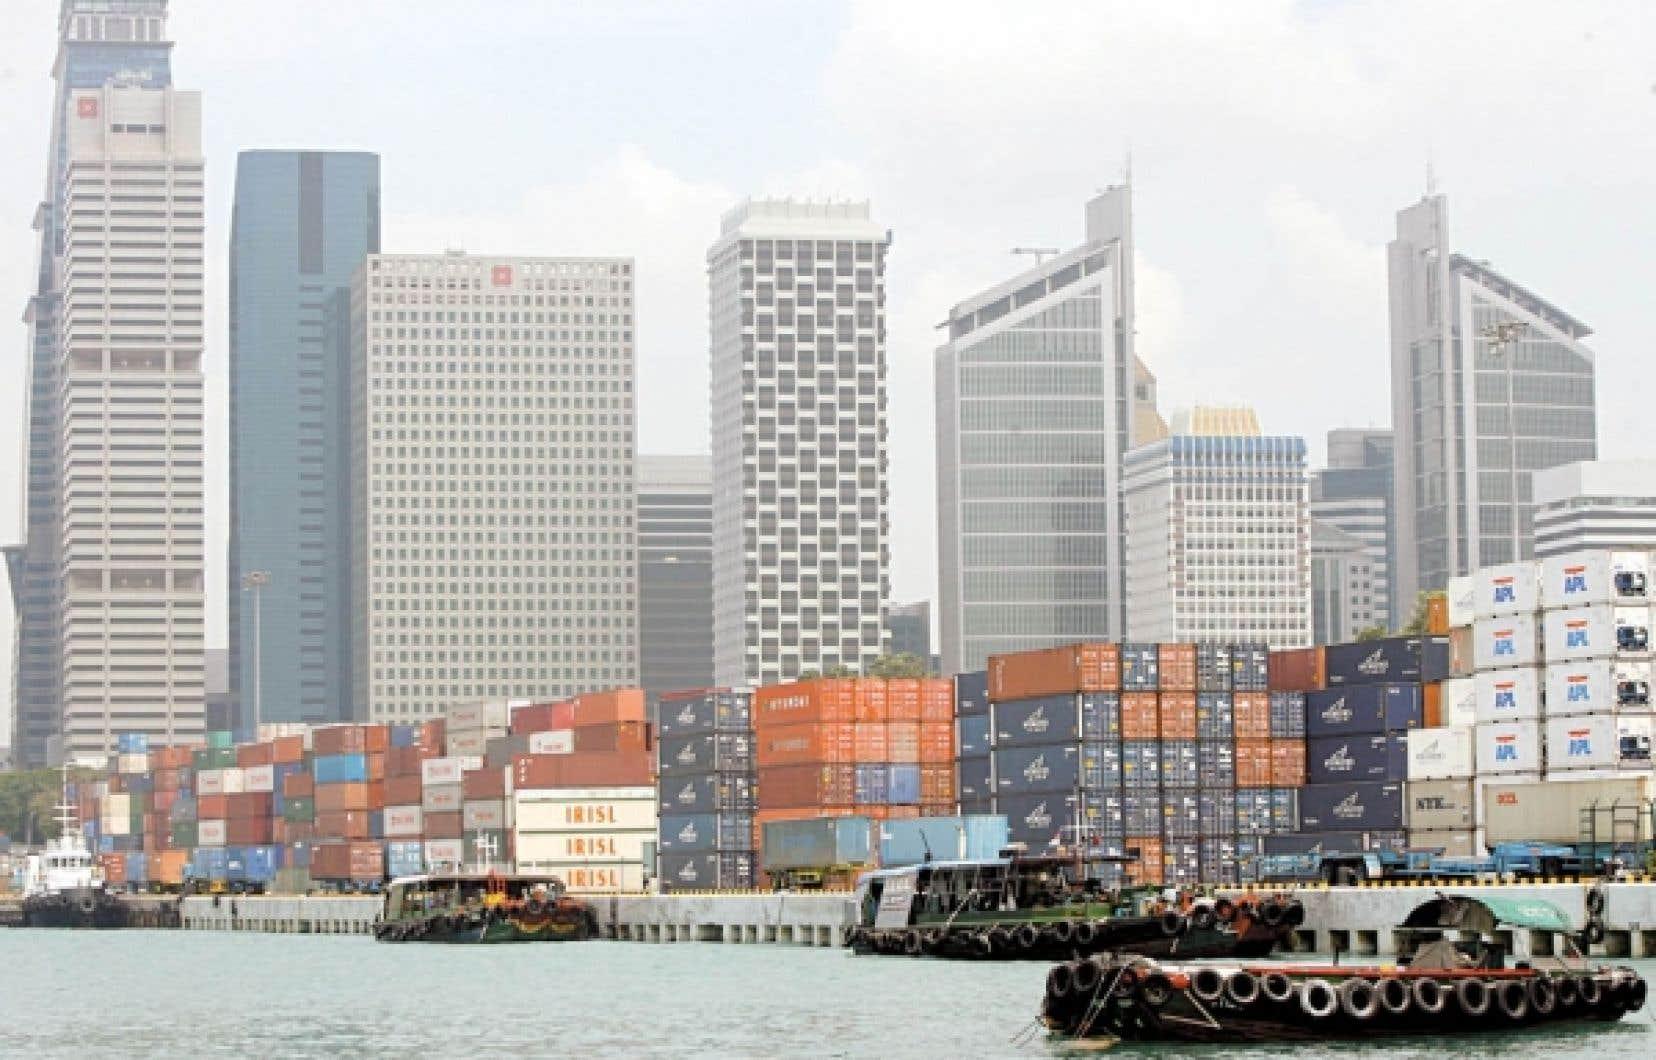 Des conteneurs entreposés au terminal Keppel avec la ville en arrière-plan. Le port de Singapour est aujourd'hui le plus achalandé du monde.<br />